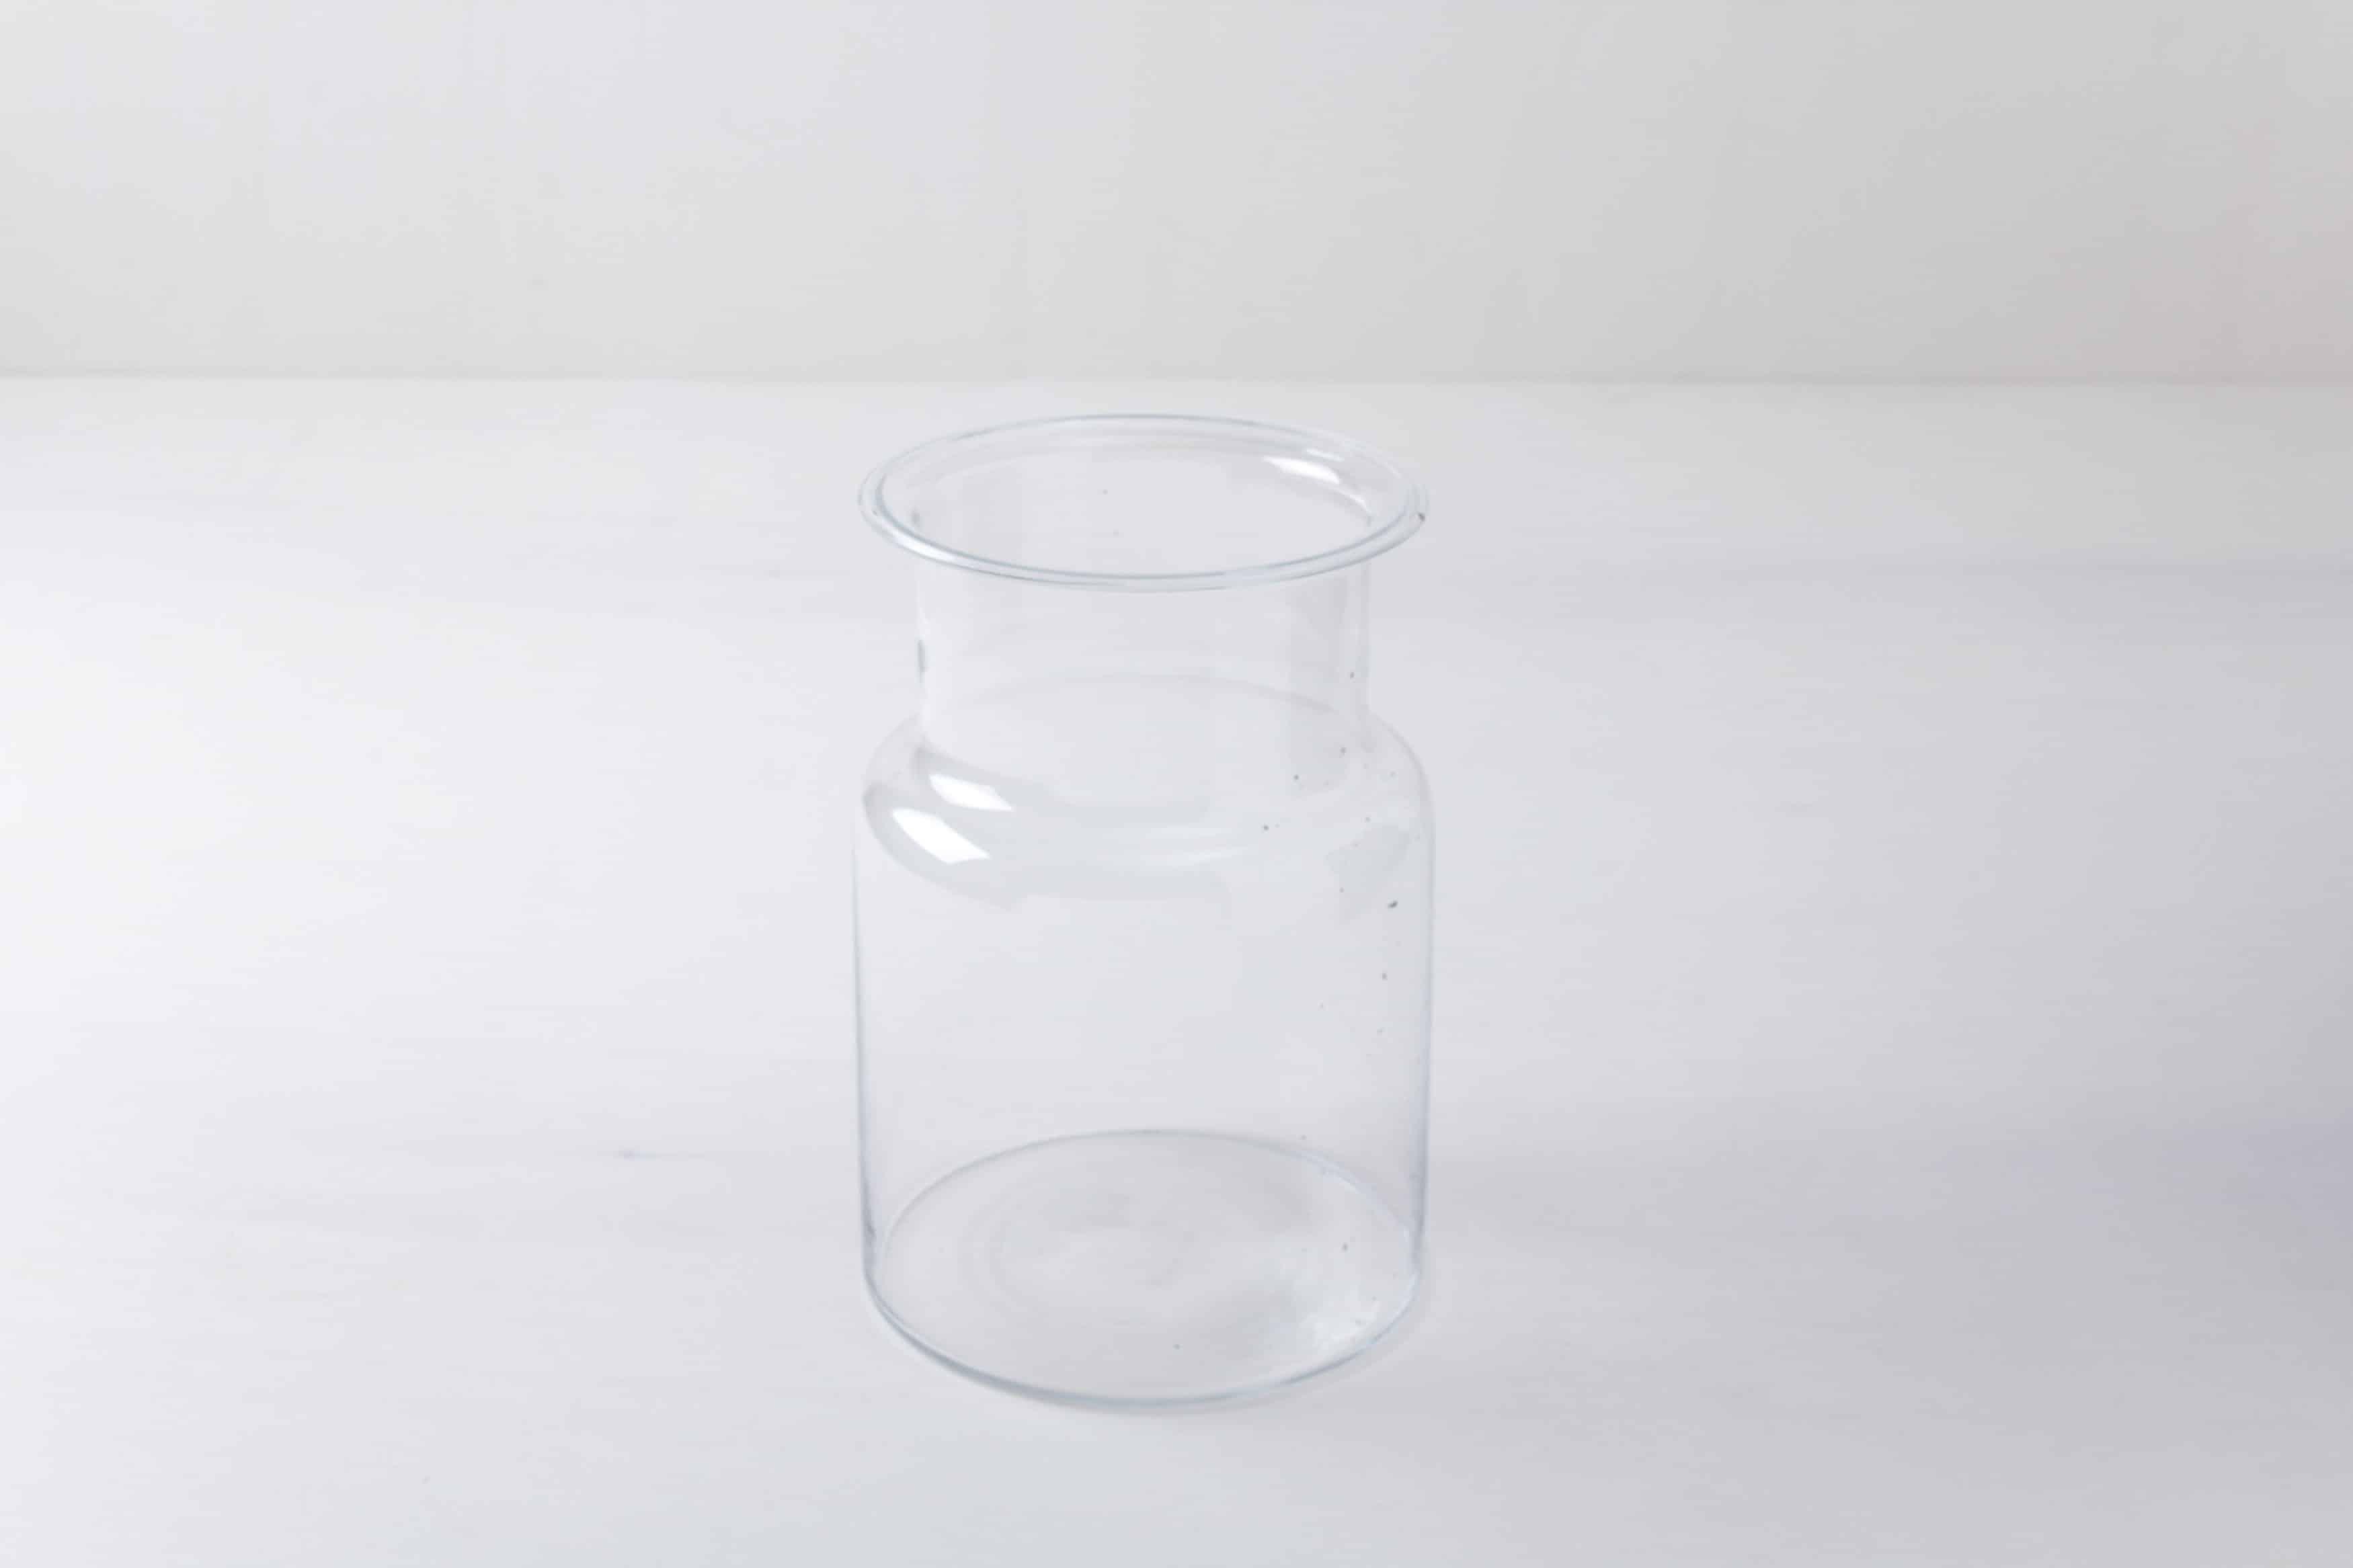 Diverse Glasgefäße mieten, Glasflaschen, Glasteller & Glasvasen